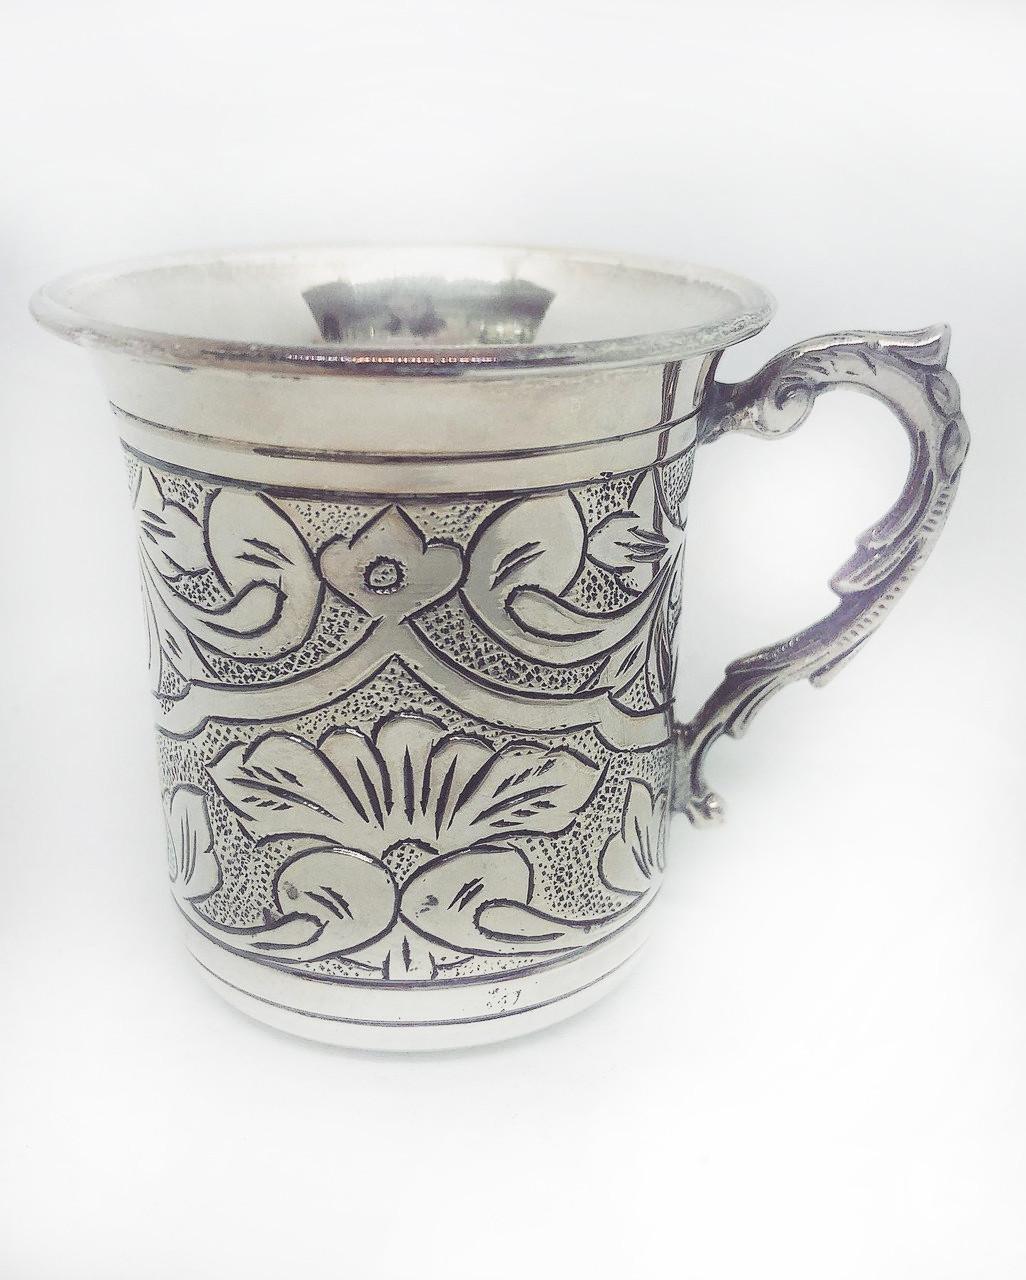 Кавова чашечка зі срібла 925 Харківський ювелірний завод з візерунком